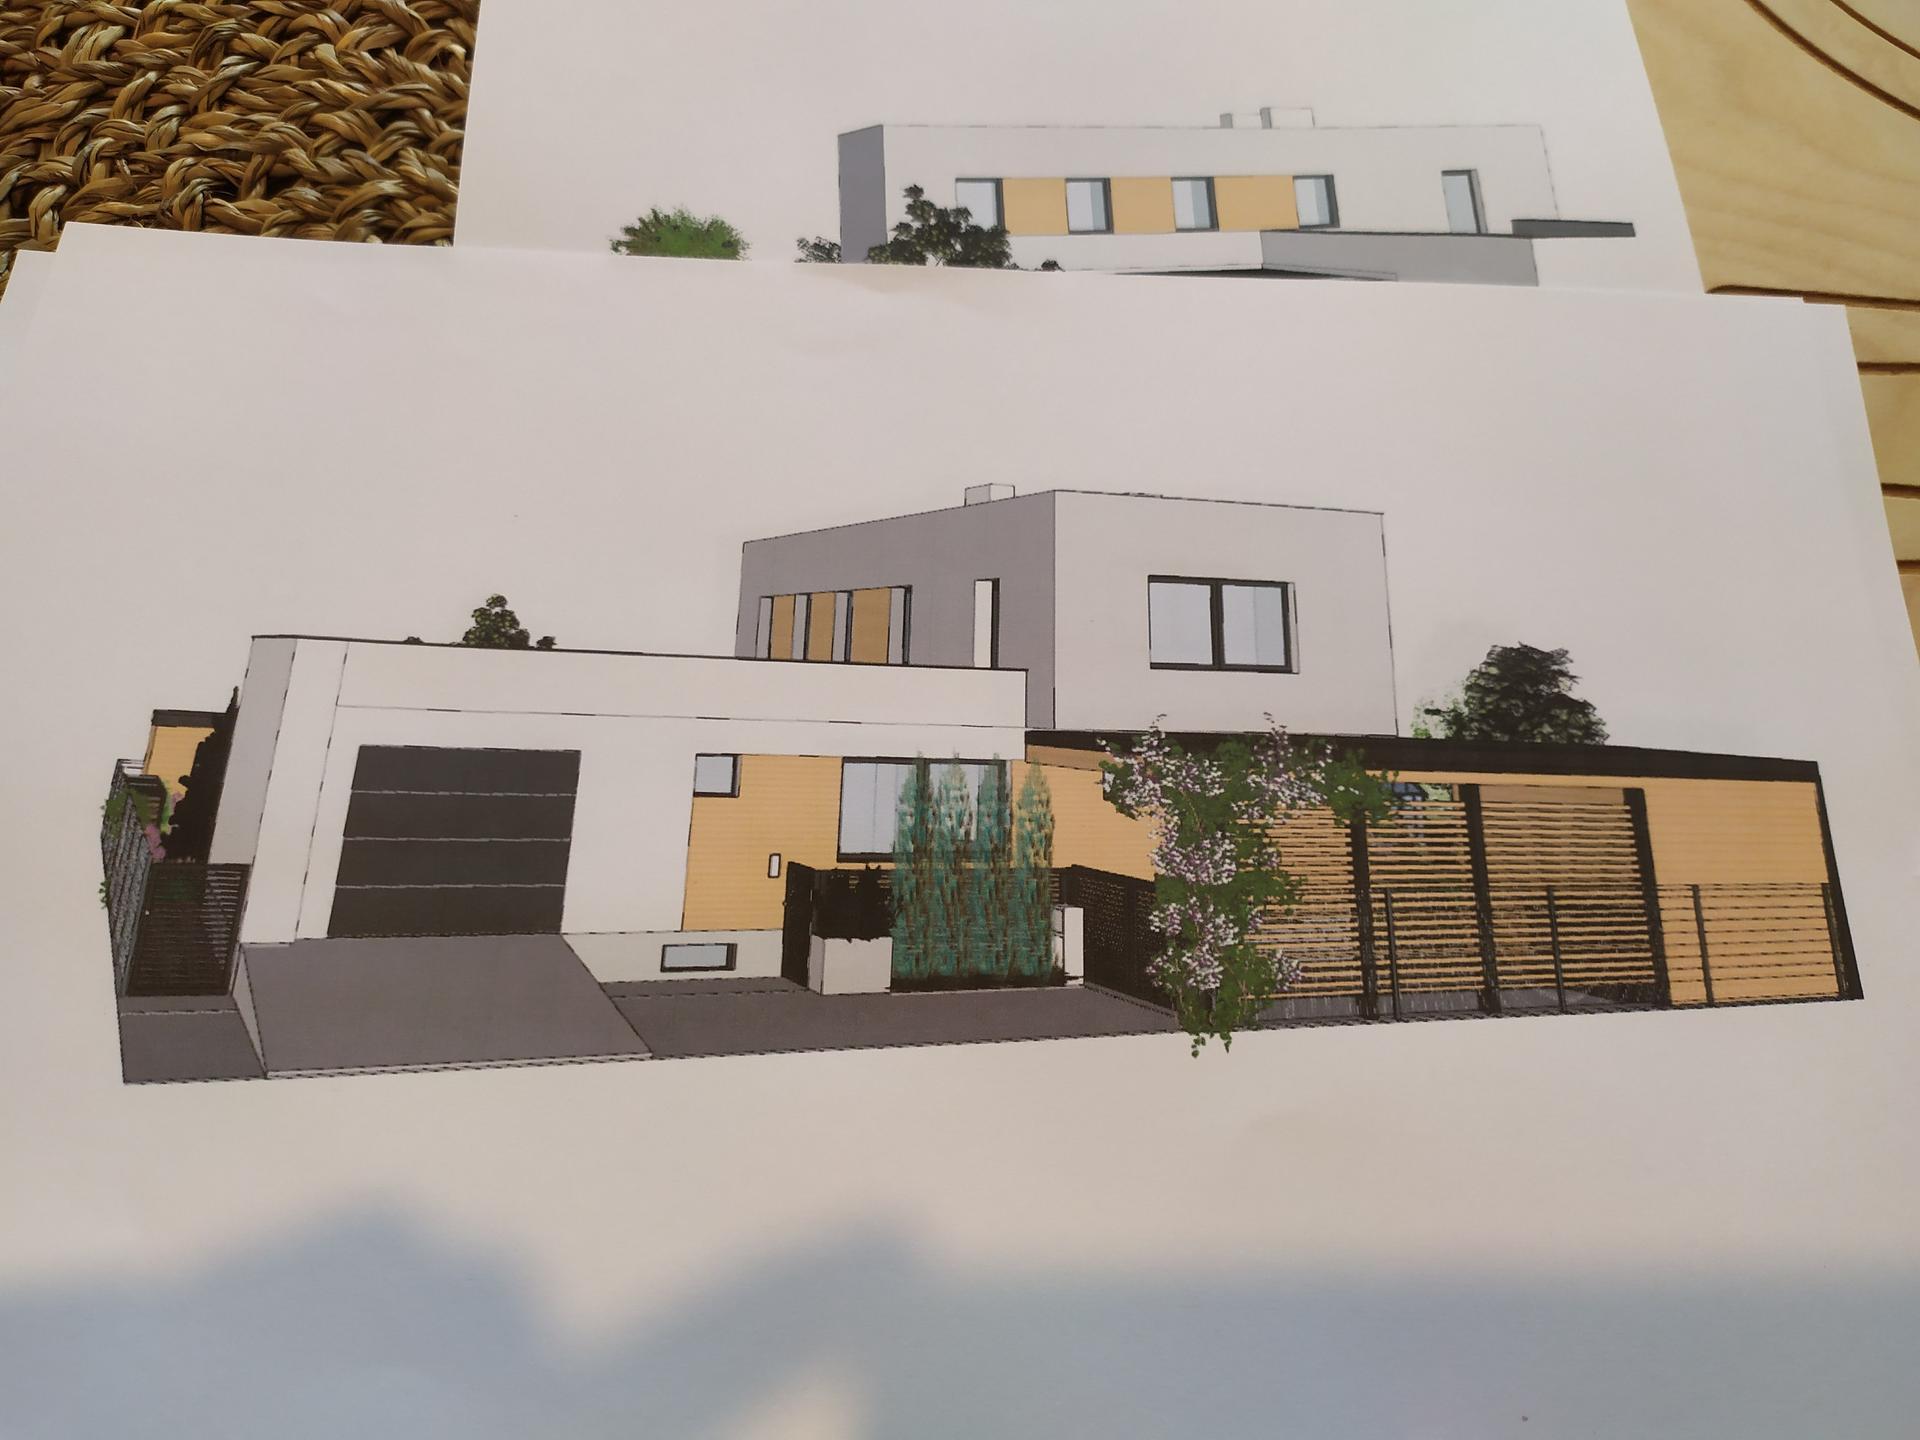 Riesime umiestnenie dreva na fasadu. co poviete? tu prednu cast nevieme rozhodnut - Obrázok č. 1